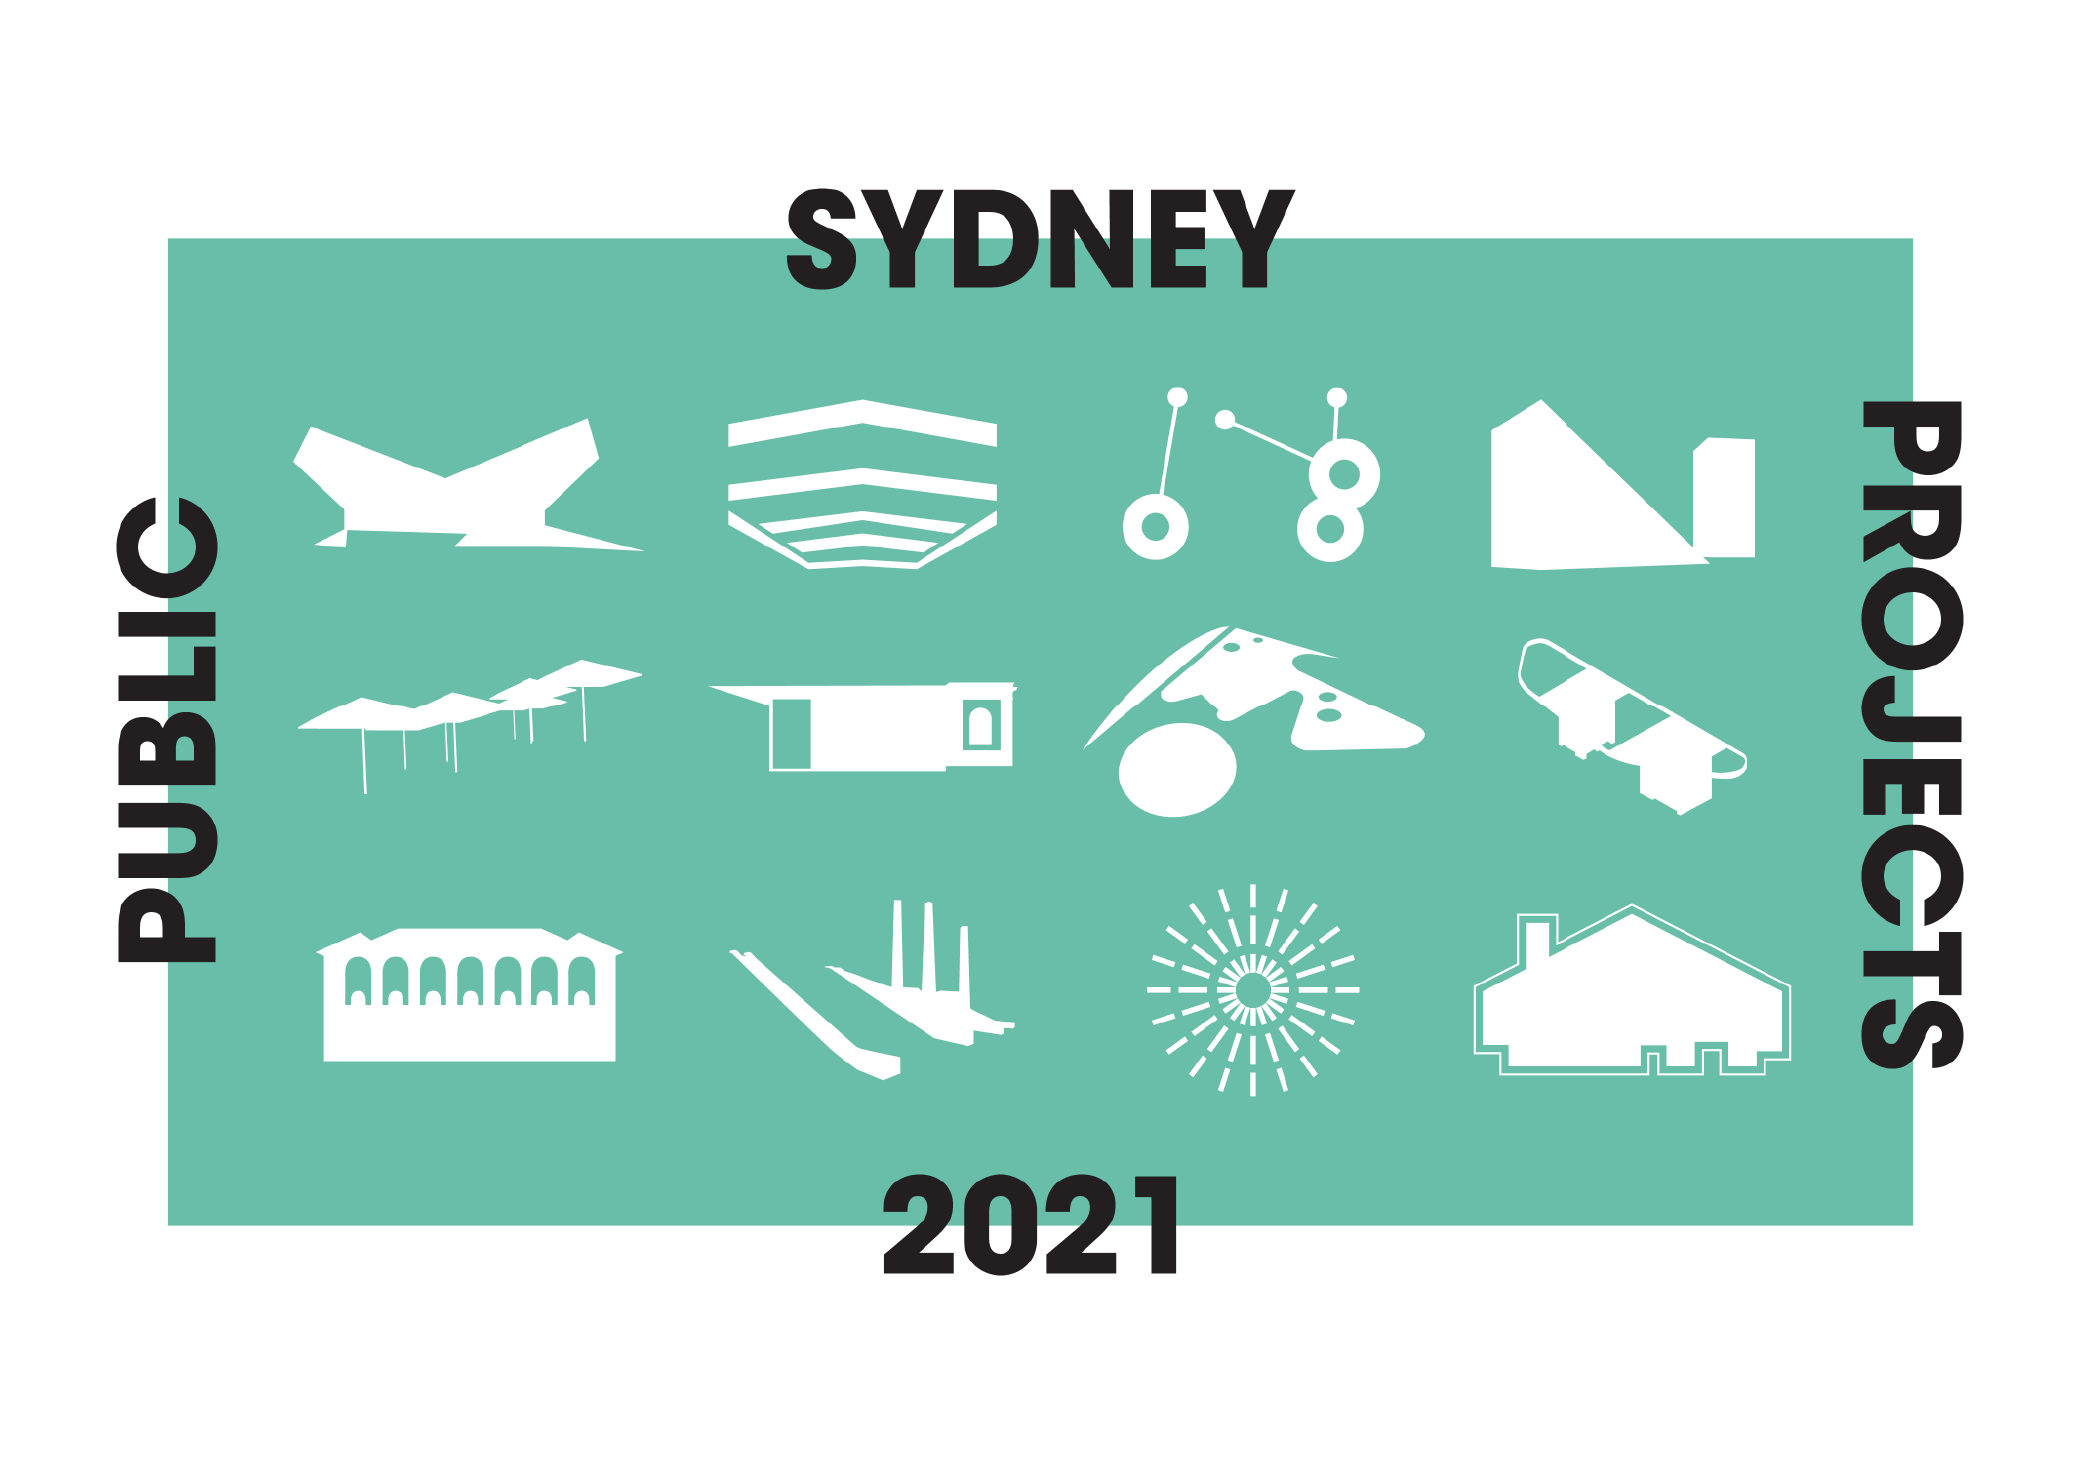 Public Sydney Projects (Wait List)